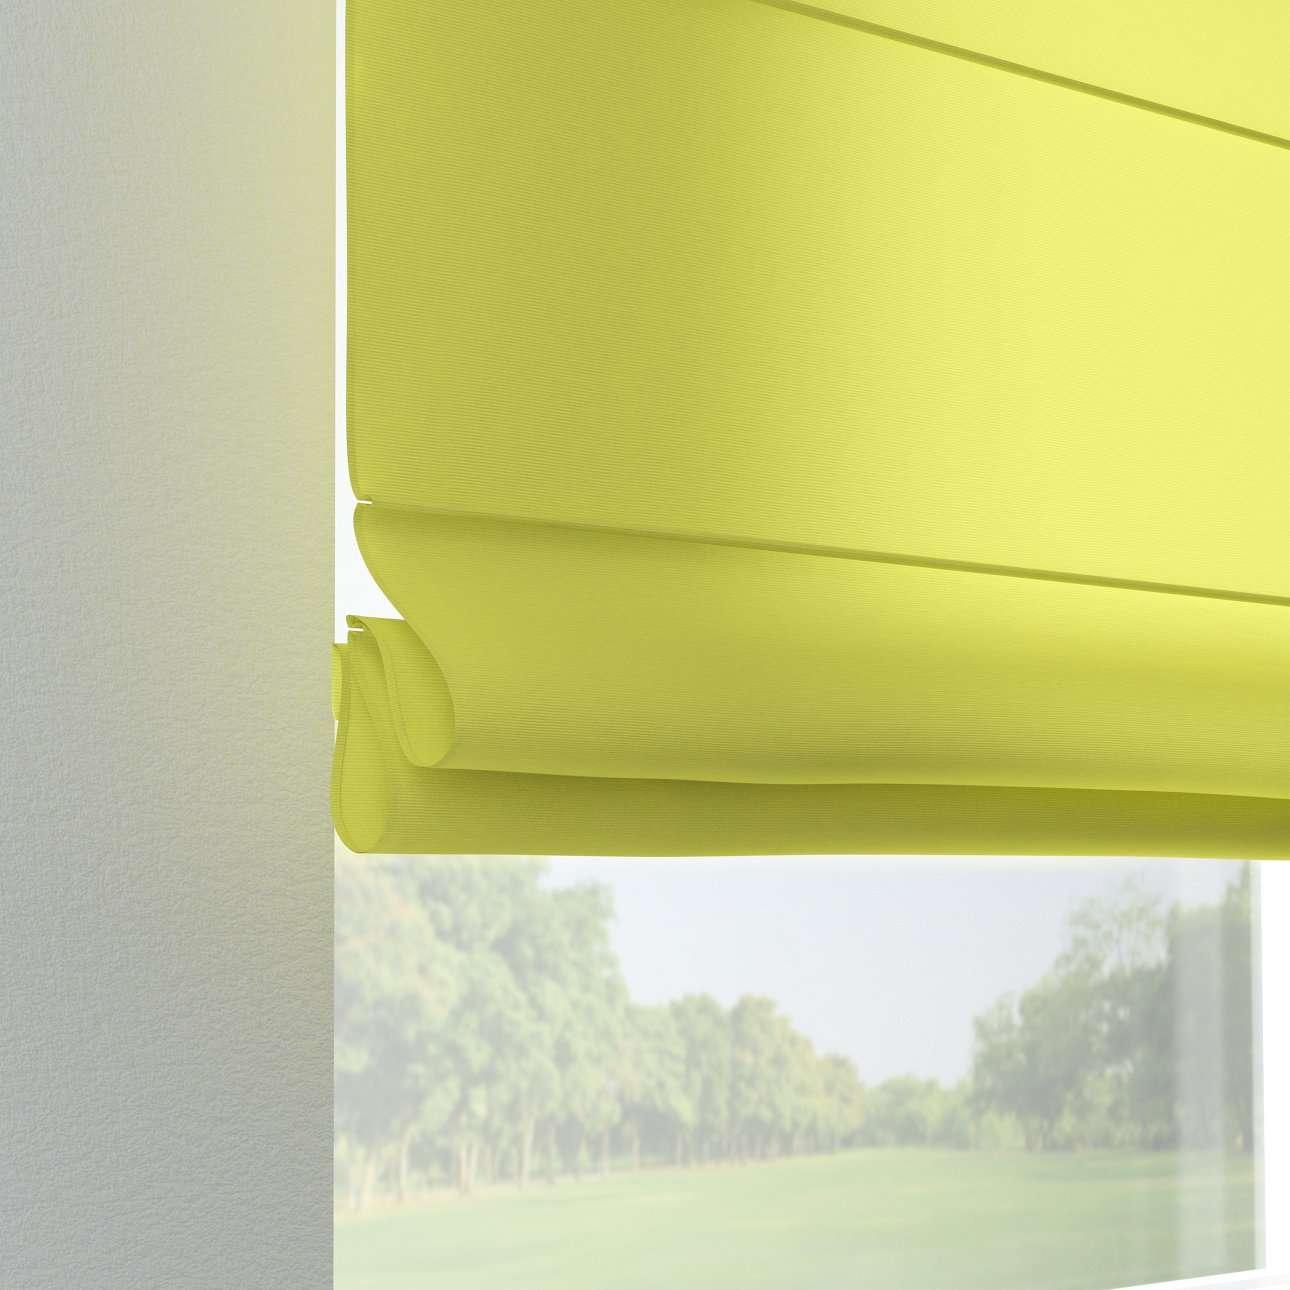 Foldegardin Verona<br/>Med stropper til gardinstang 80 x 170 cm fra kollektionen Jupiter, Stof: 127-50